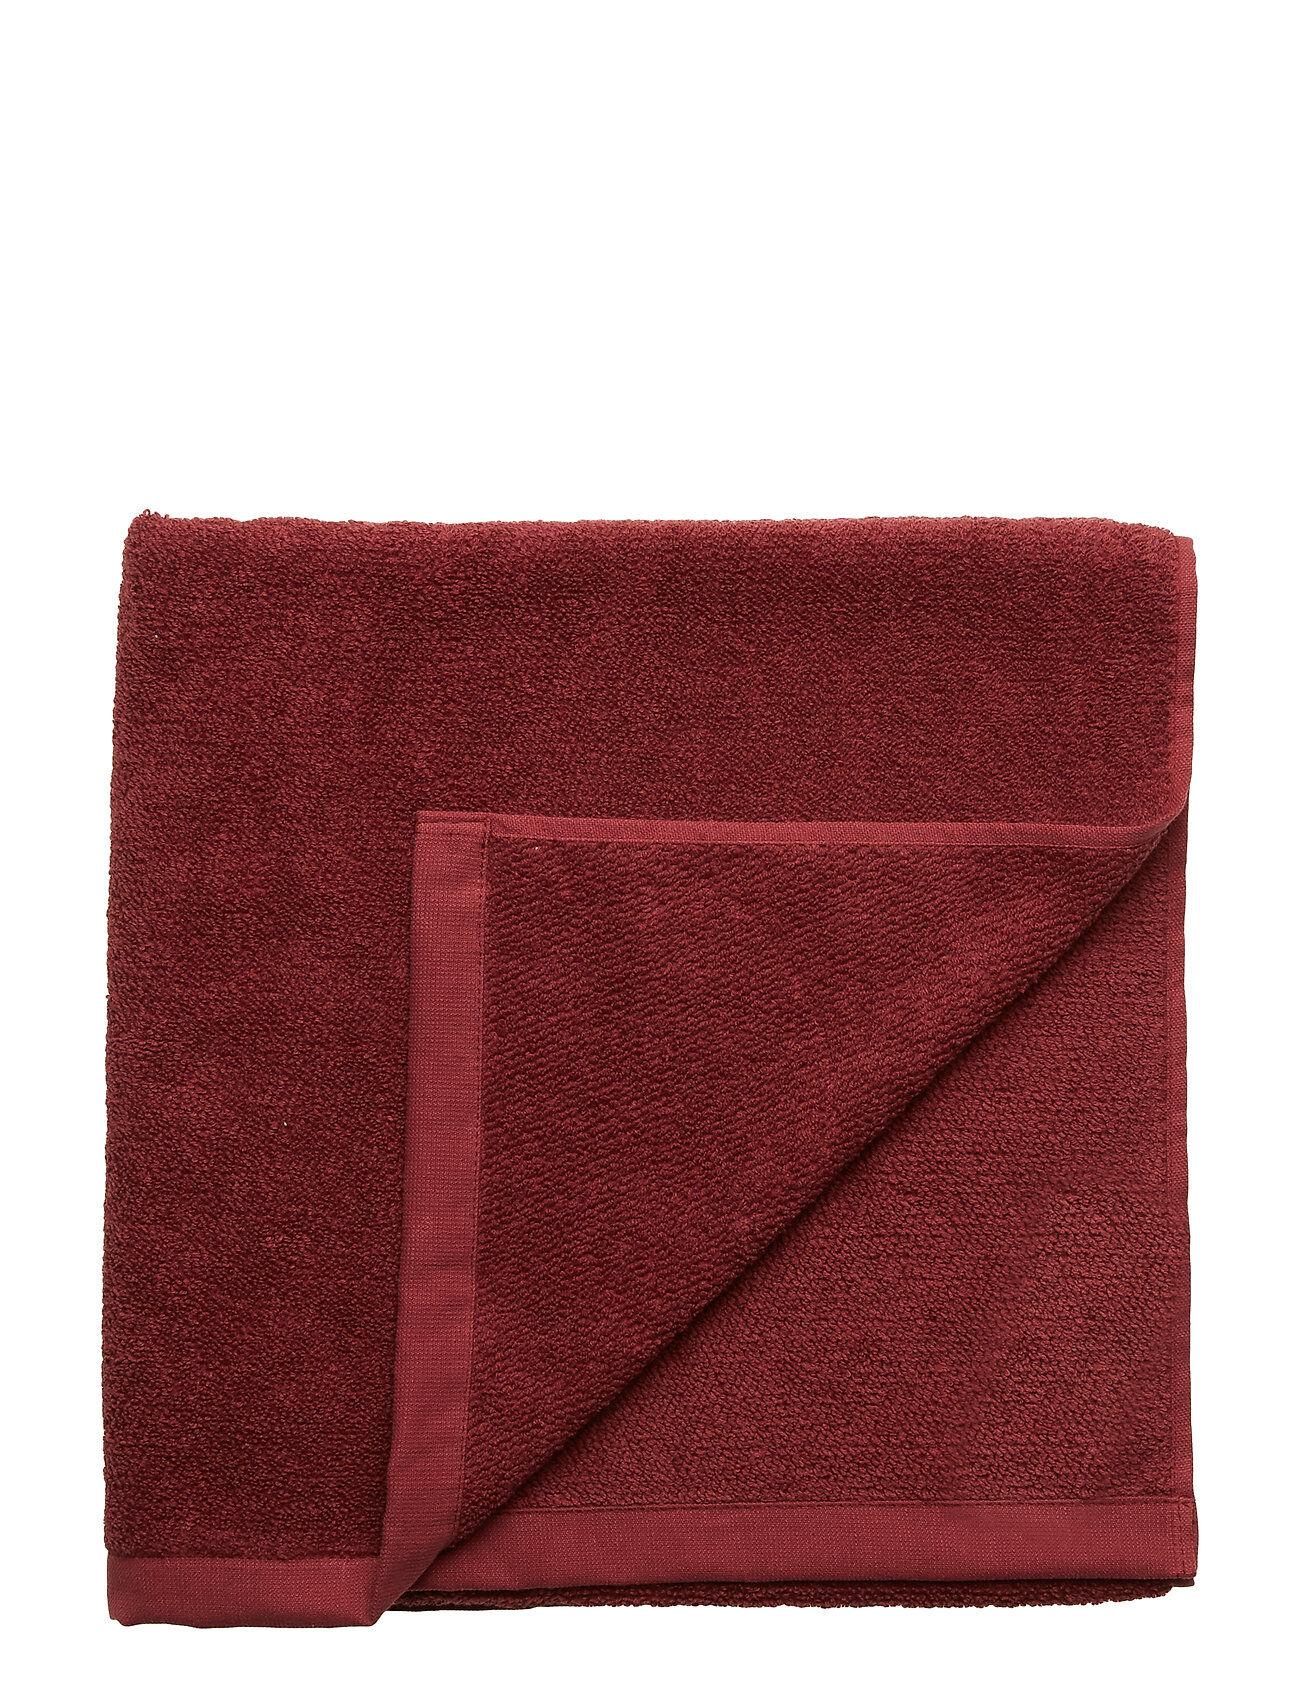 Gripsholm Bath Towel Cotton Linen Home Bathroom Towels Punainen Gripsholm